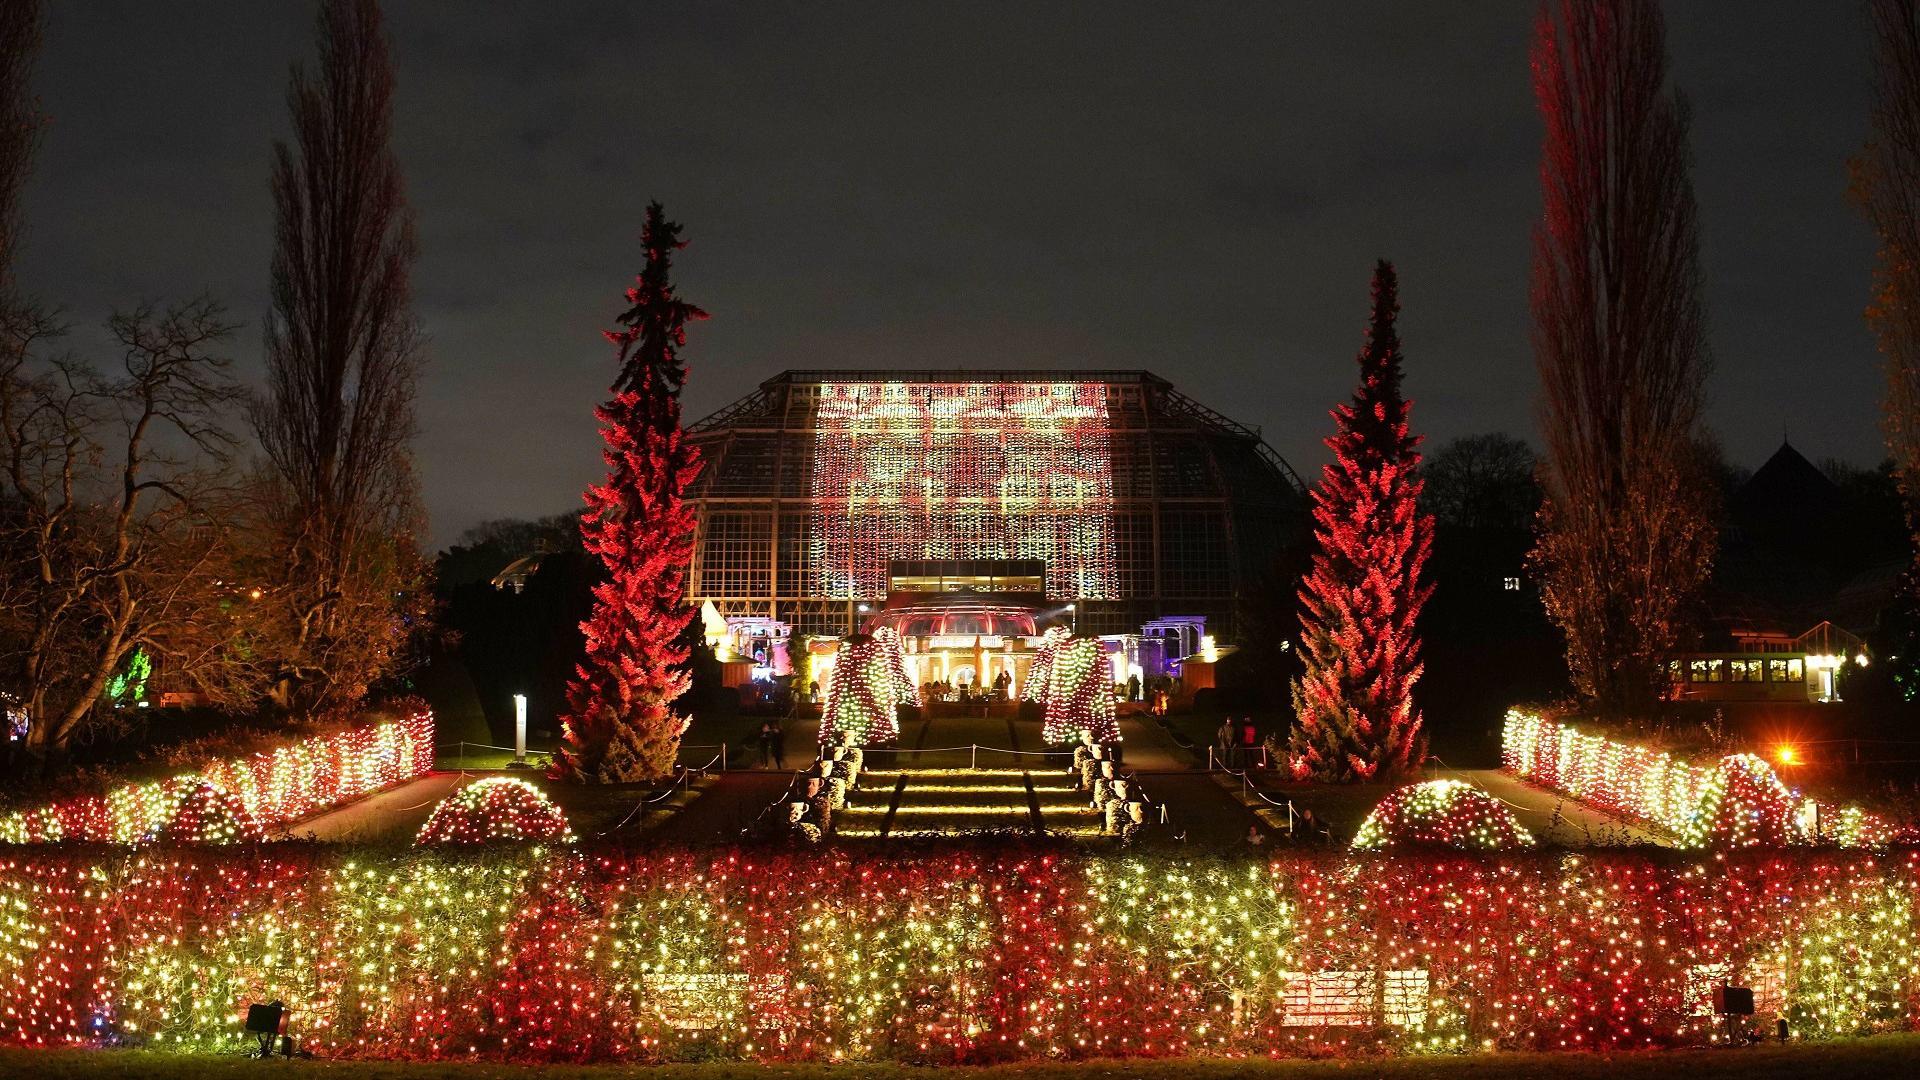 Lichterspektakel im Christmas Garden Berlin